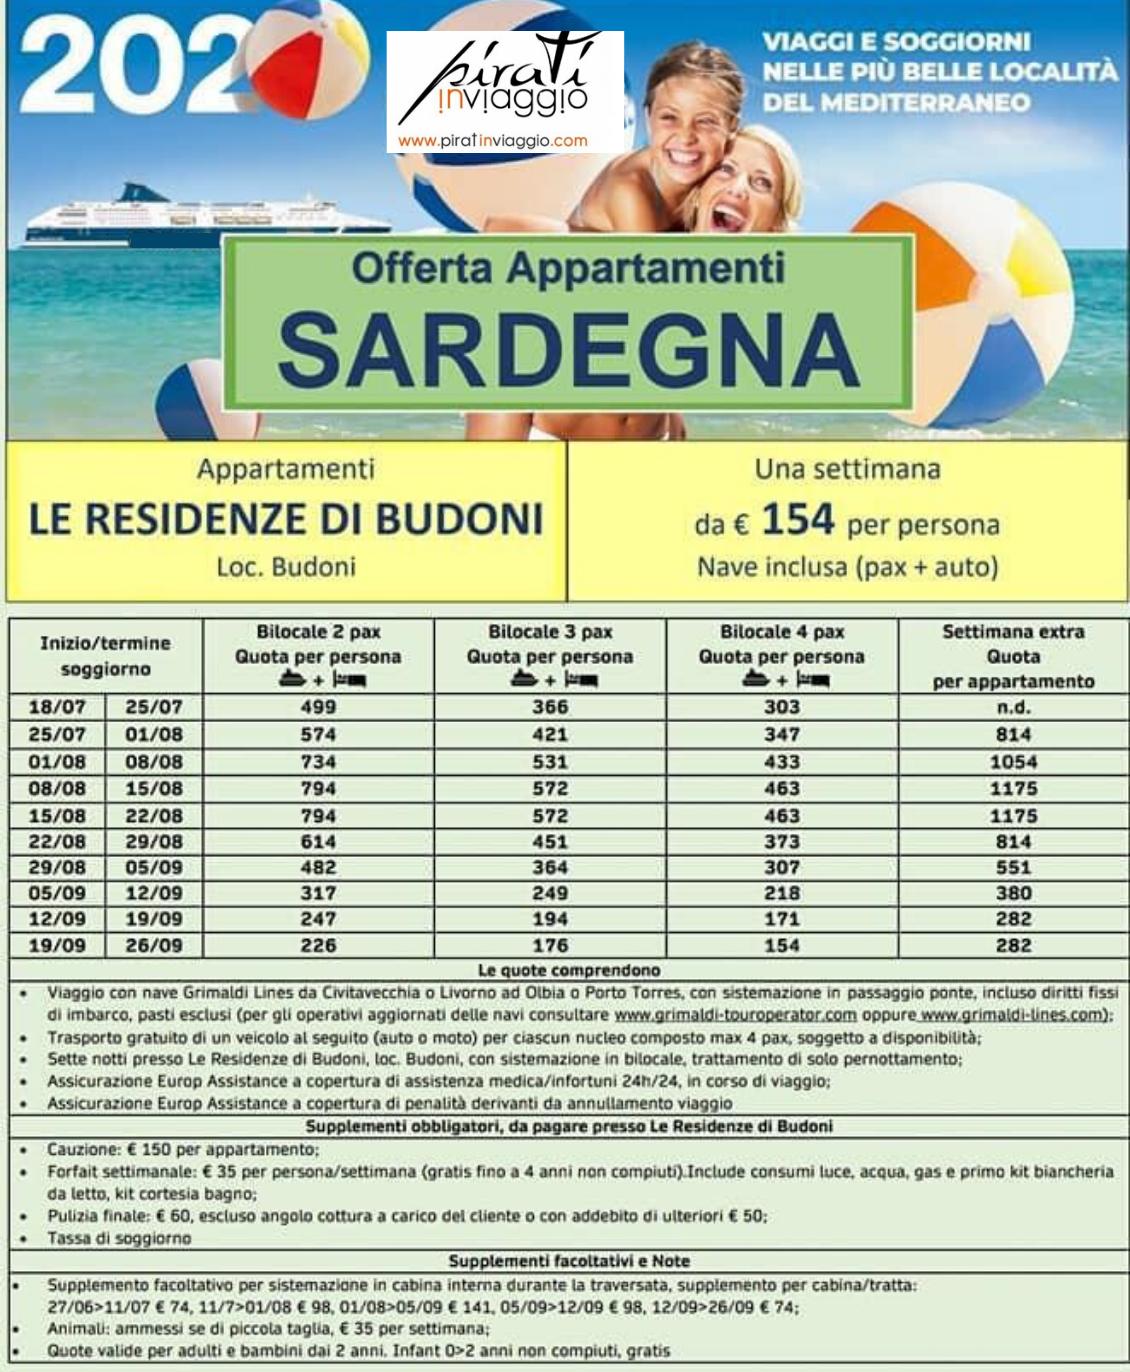 Offerta Appartamenti in Sardegna le Residenze di Budoni